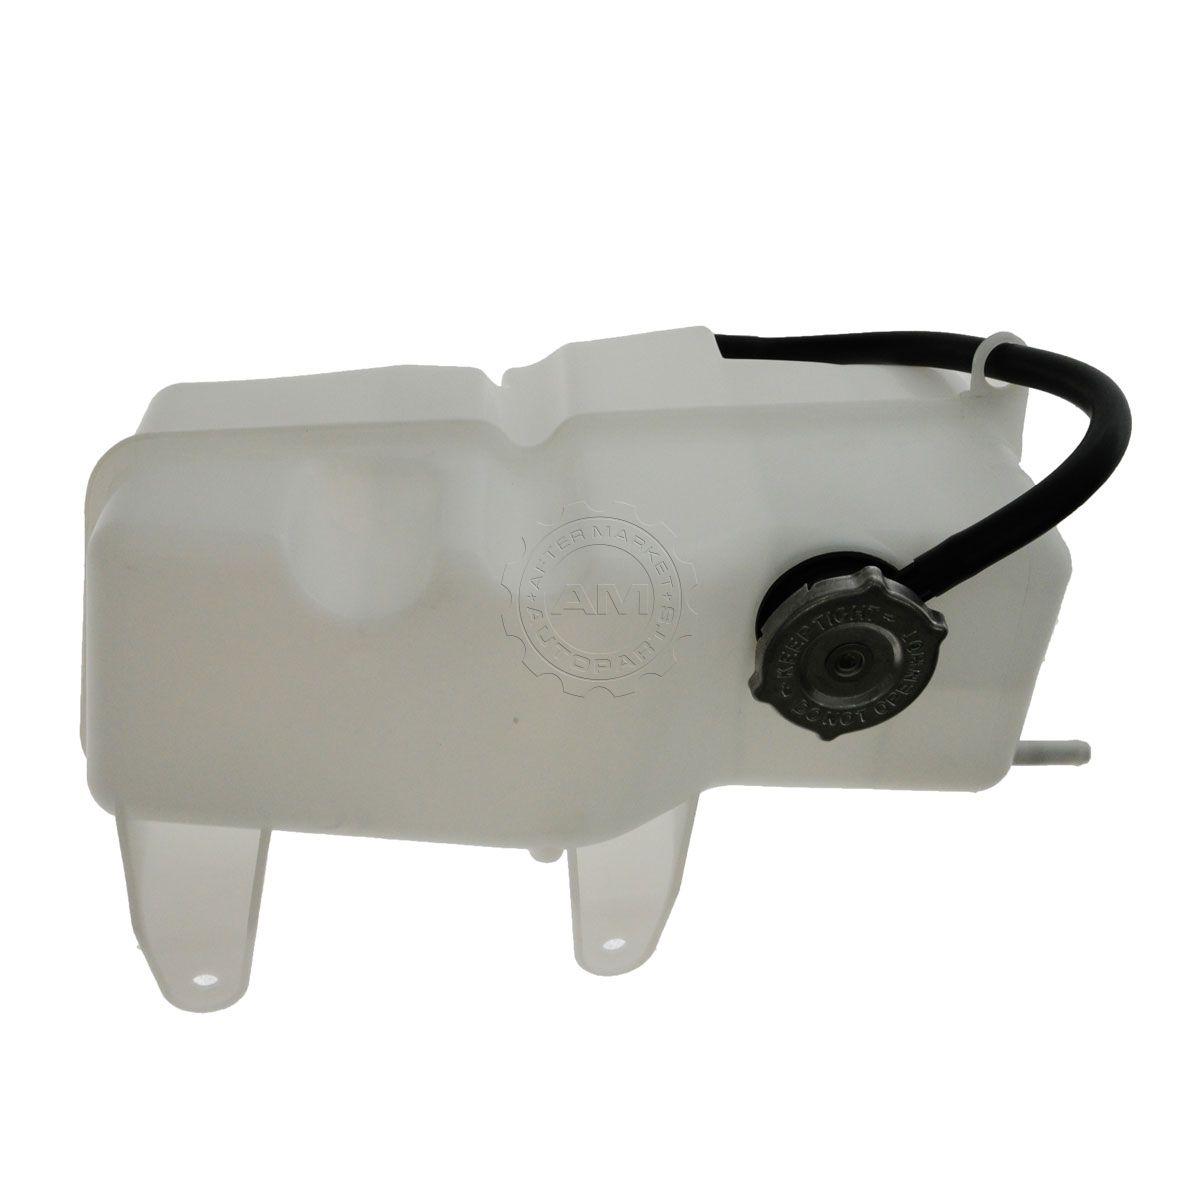 hight resolution of dorman radiator coolant overflow tank bottle reservoir for chrysler